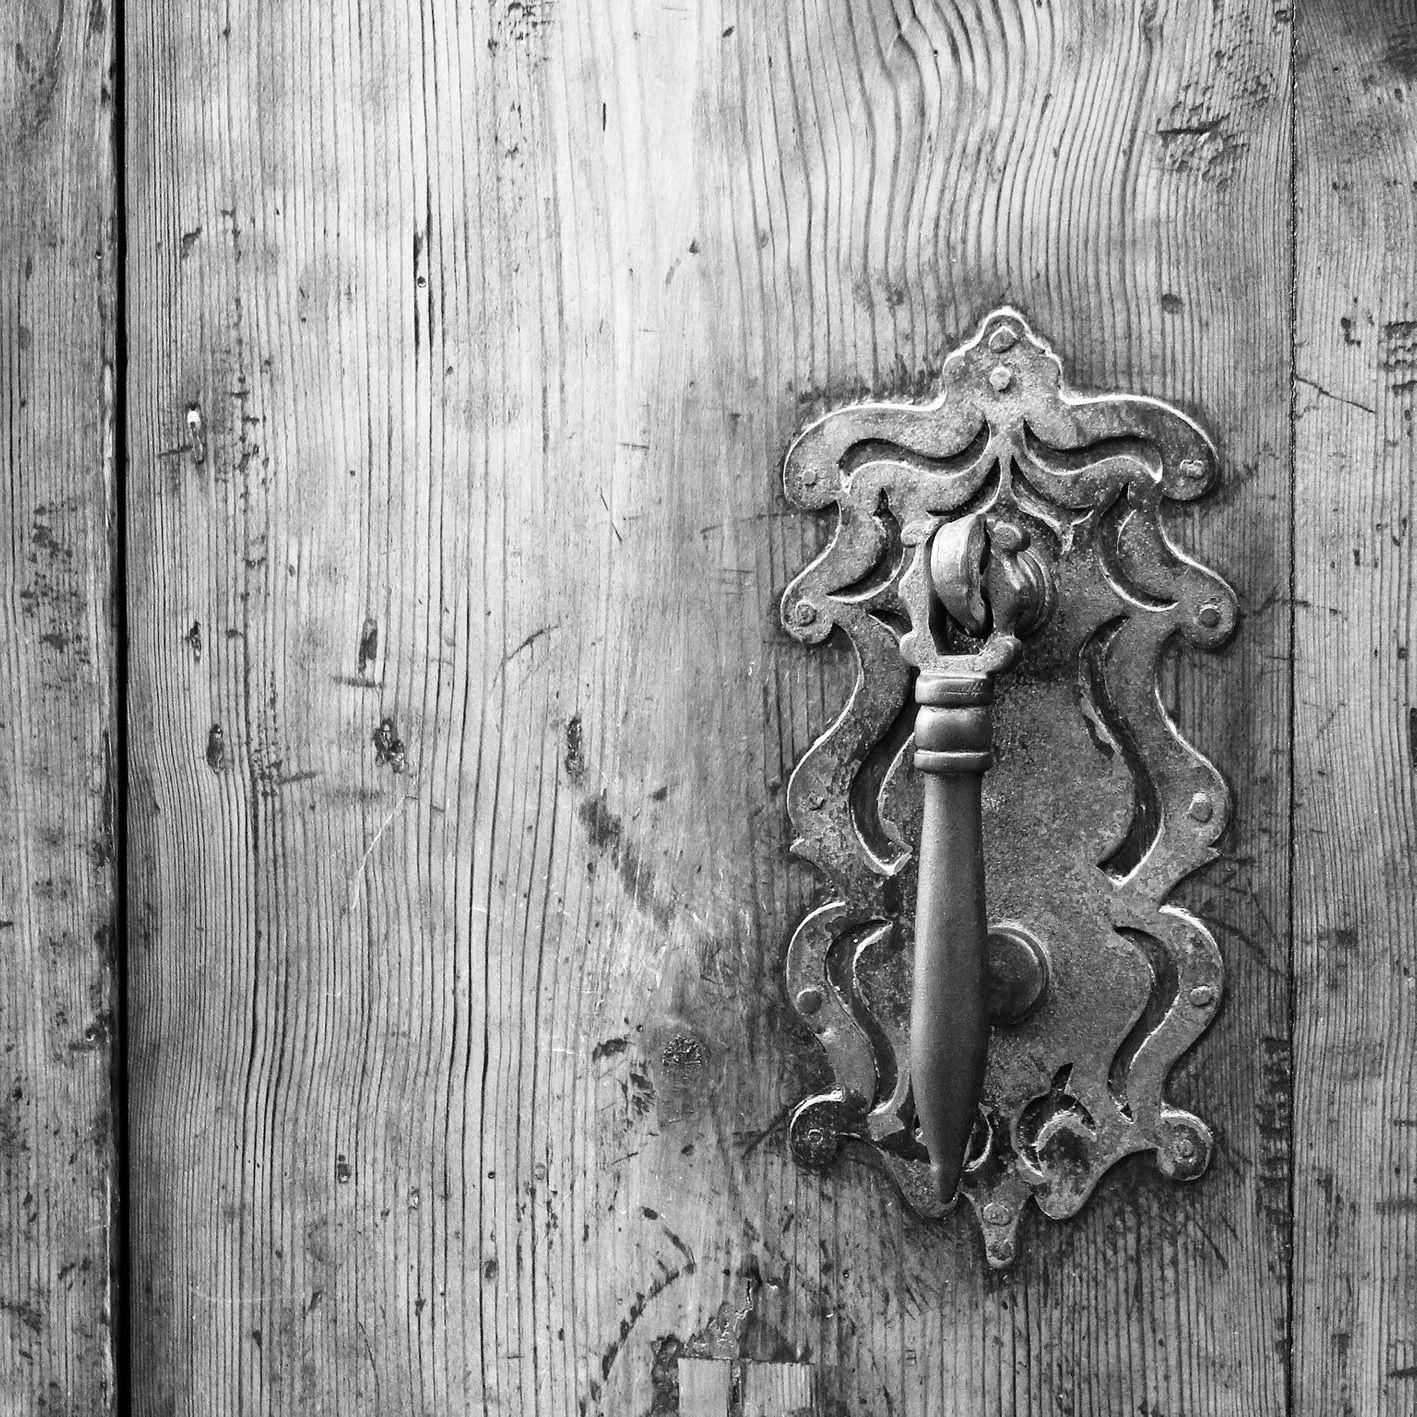 Busco acaso un encuentro que me ilumine el día, y no hallo más que puertas que niegan lo que esconden. Joaquín Sabina.